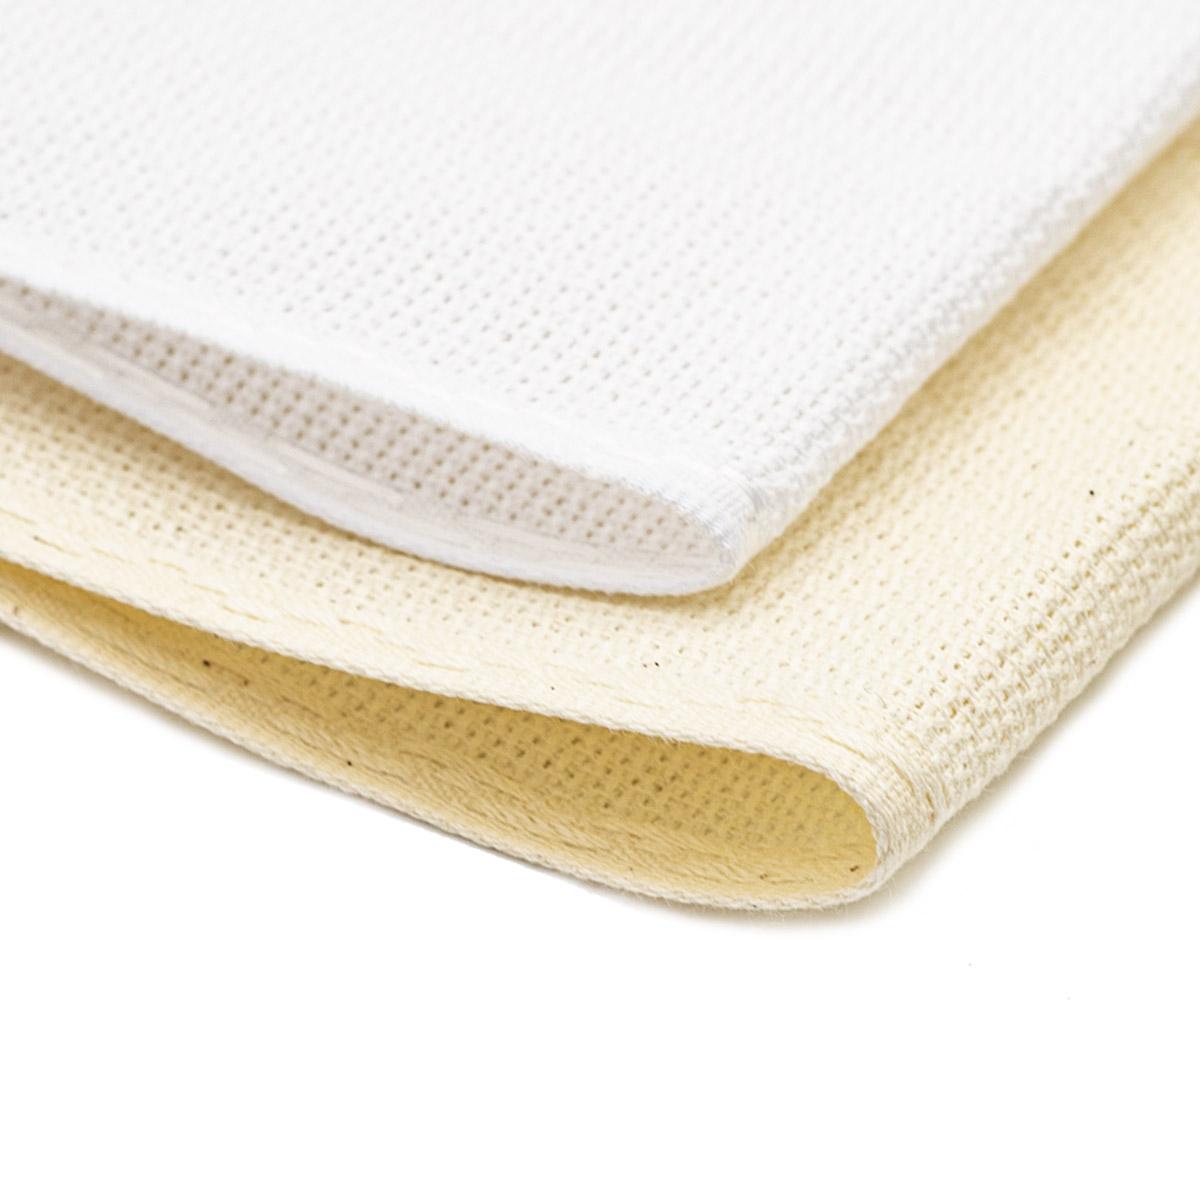 Набор канвы-ленты c обработанным краем 14ct, 1,5м*10см, 2шт, натуральный и белый цвета, Bestex